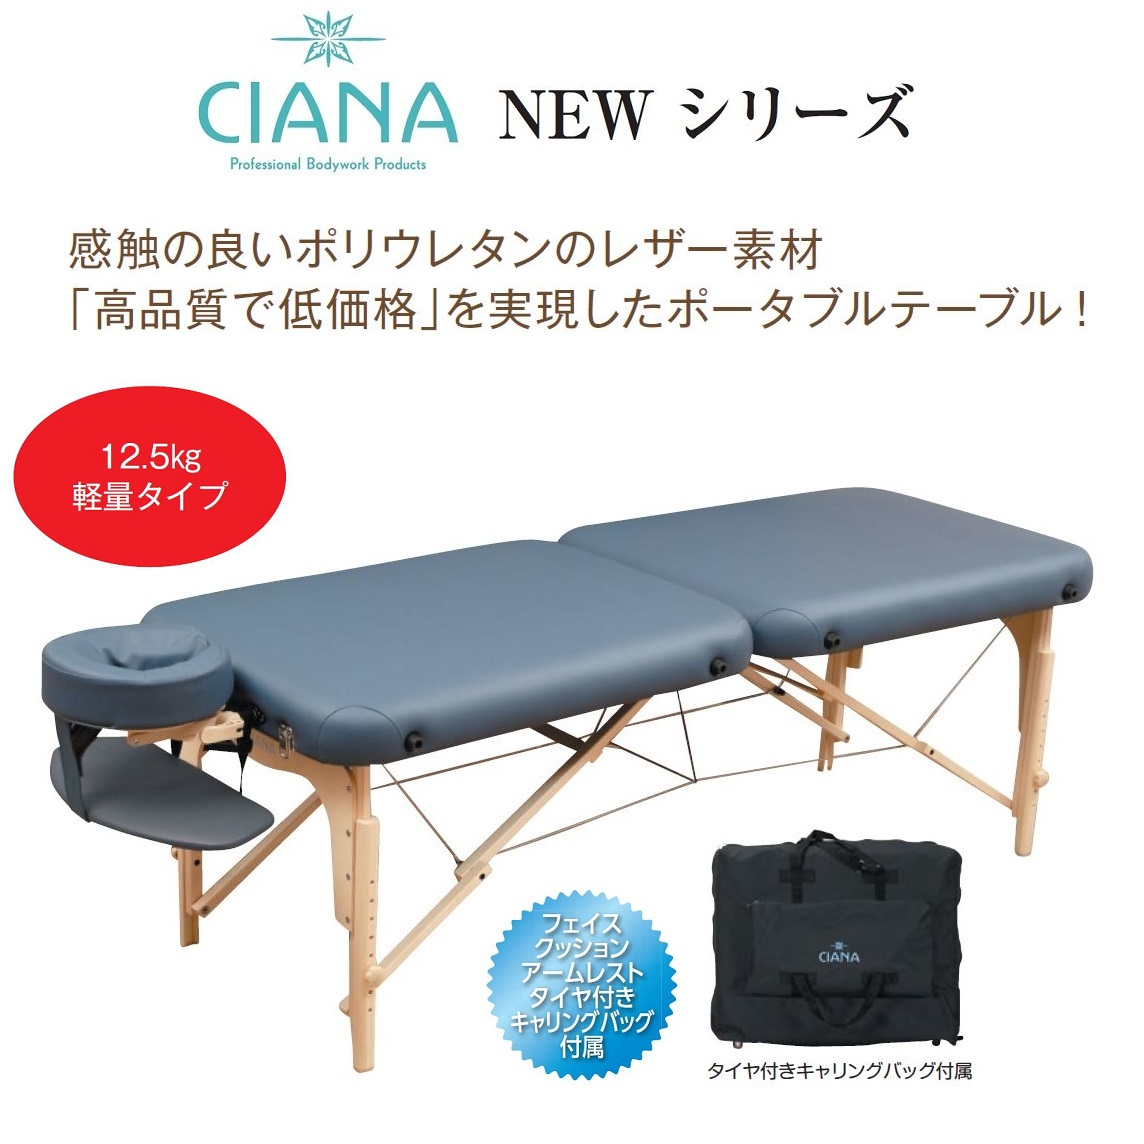 CIANA ポータブルテーブル・デルマ